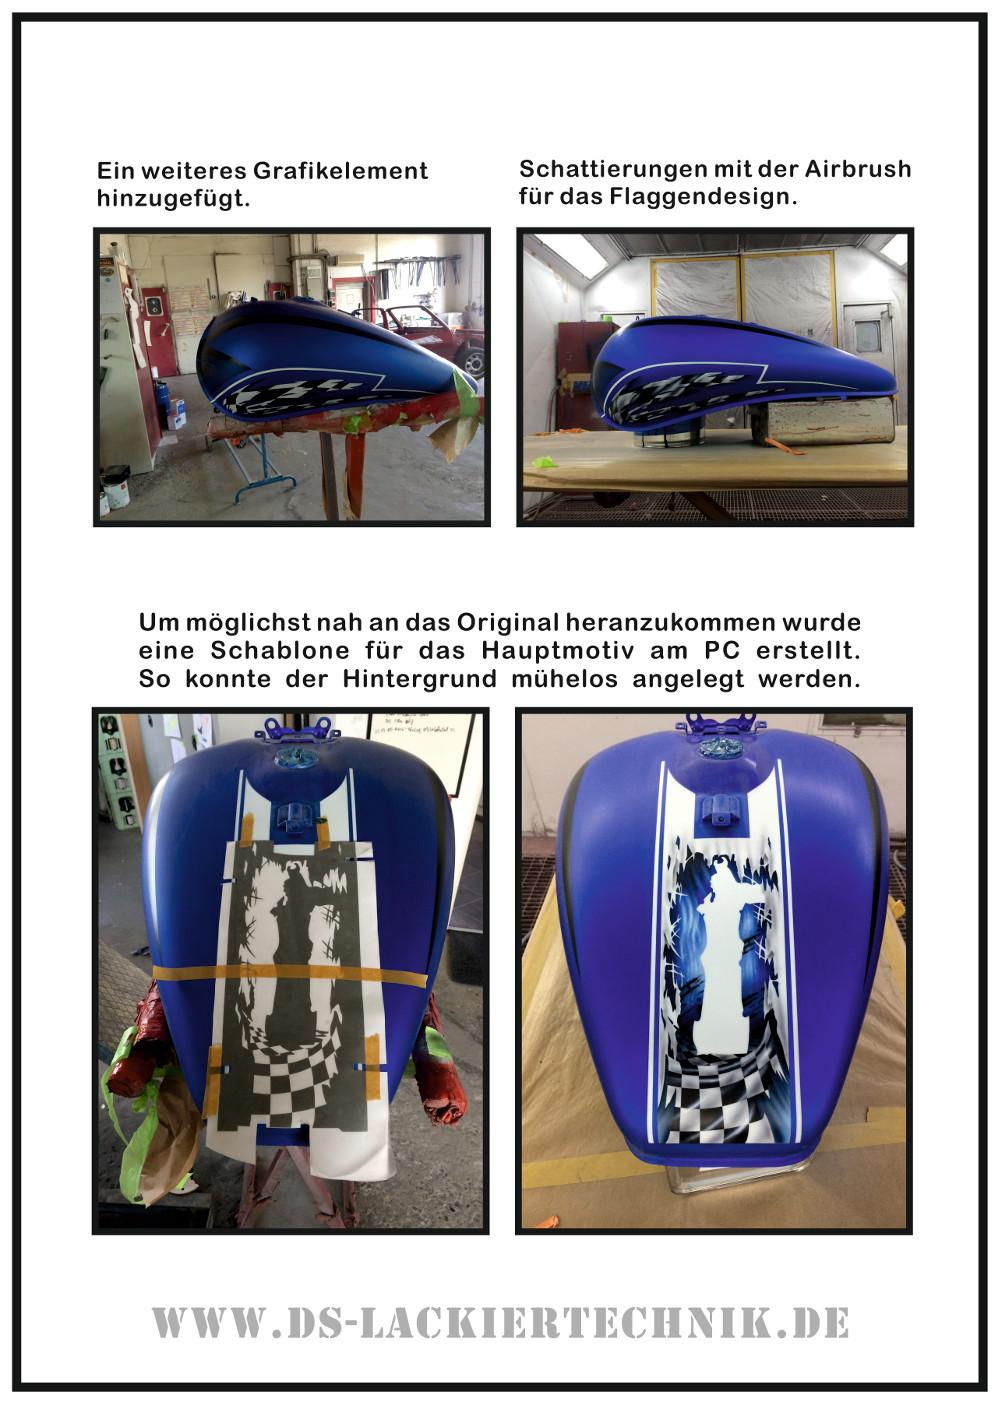 Motorrad Airbrush! Unfallschaden, Airbrush komplett erneuert 5 Motorrad Airbrush